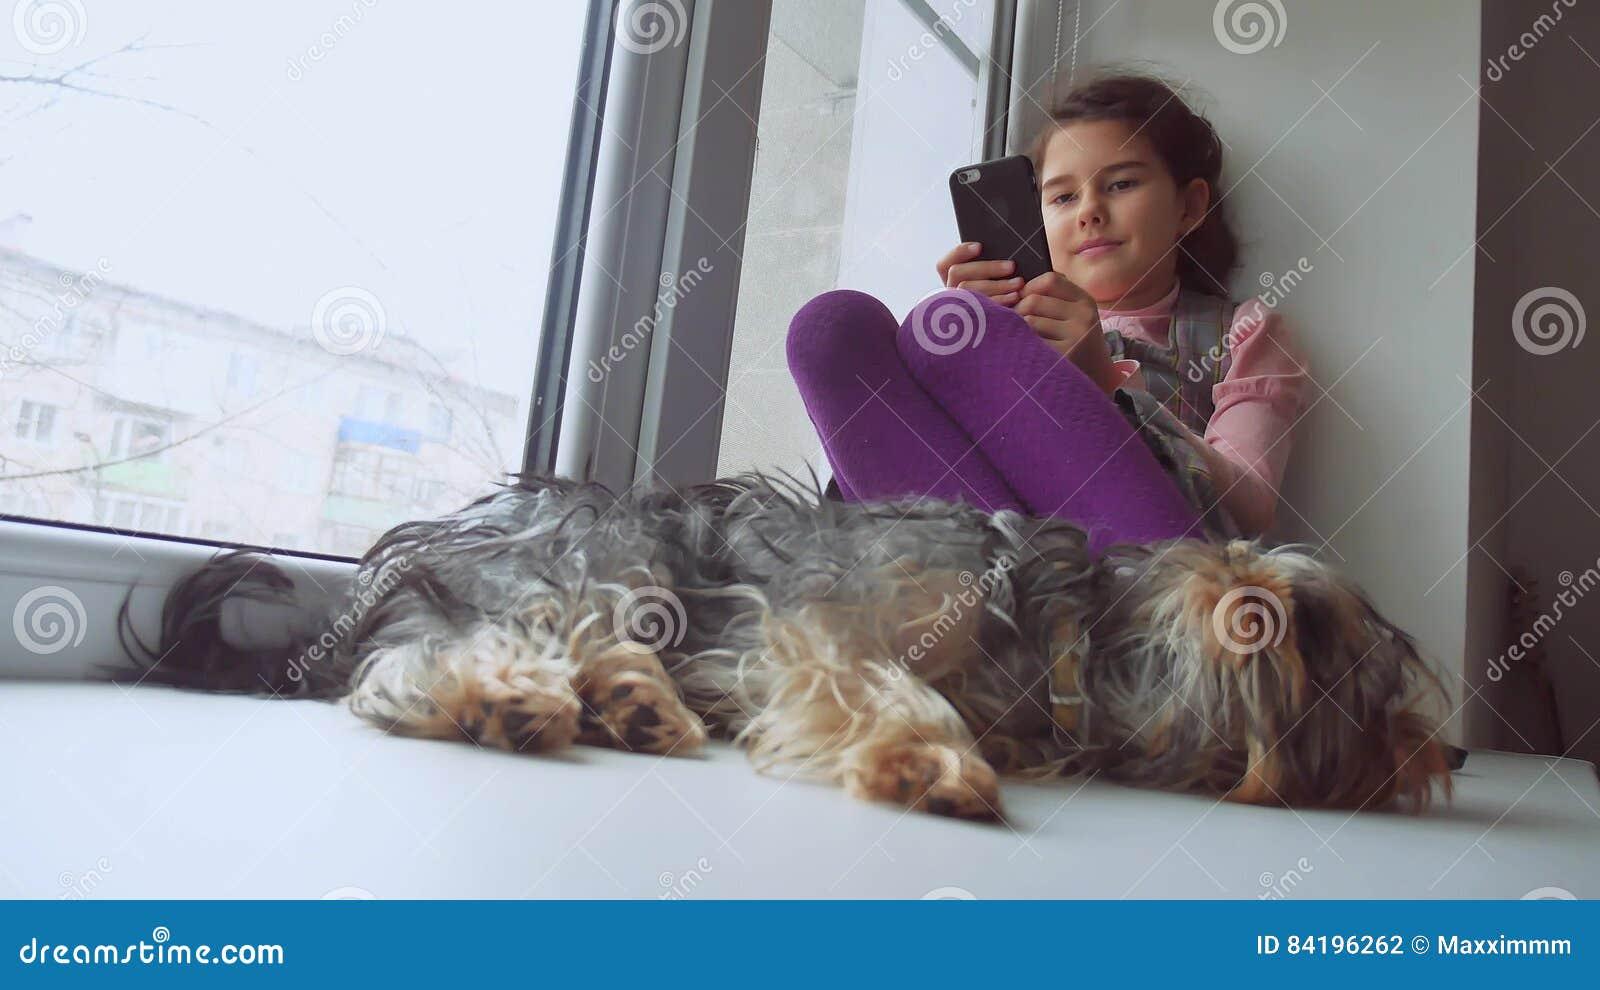 chat en ligne pour adulte rencontre adulte nice